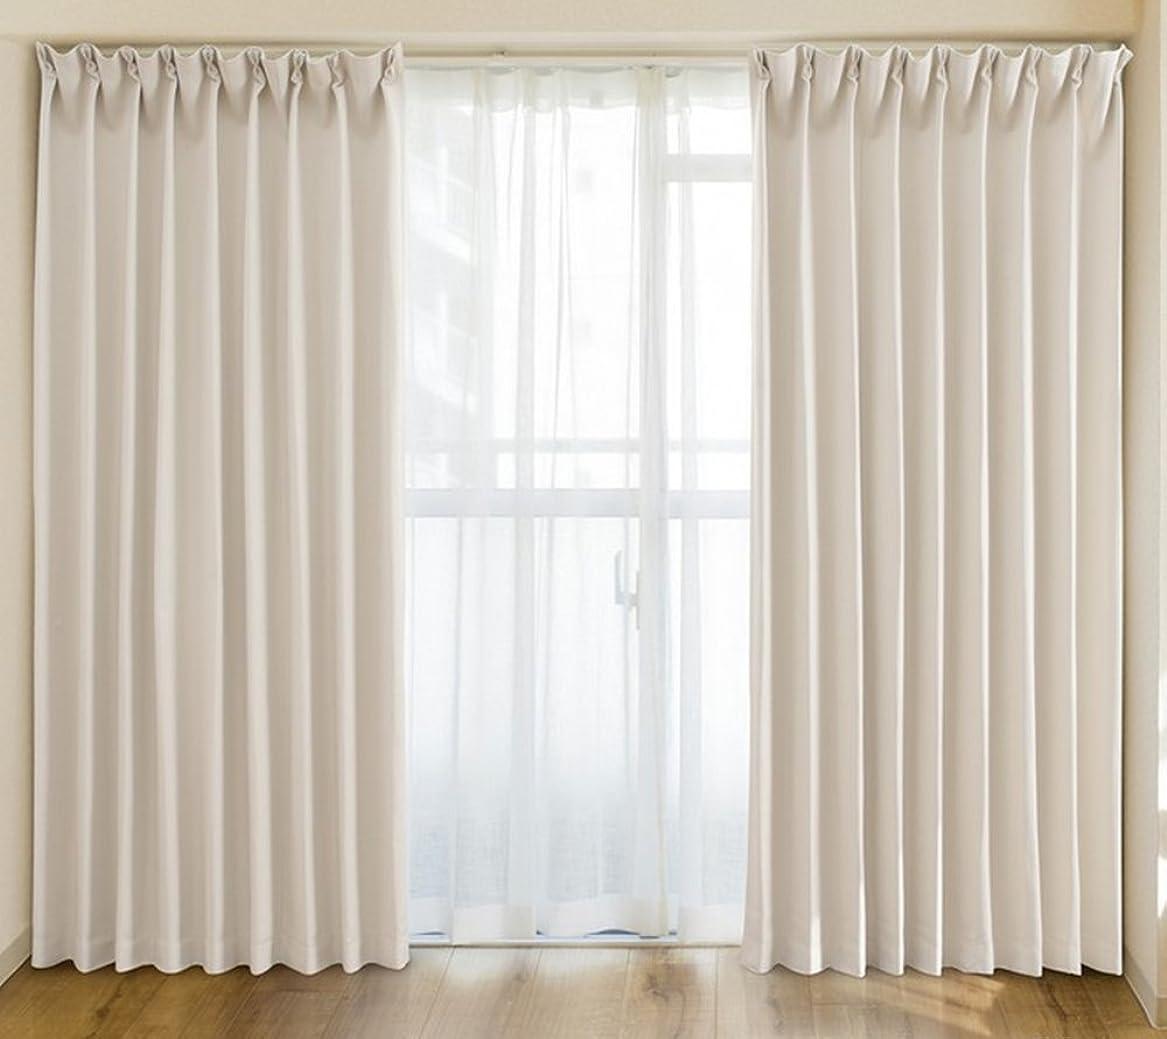 オート理論的飾り羽【5色x128サイズから選べる】カーテン 遮光 1級 断熱 保温 洗える 形状記憶 ドレープカーテン 幅100cm×丈 180cmアイボリー